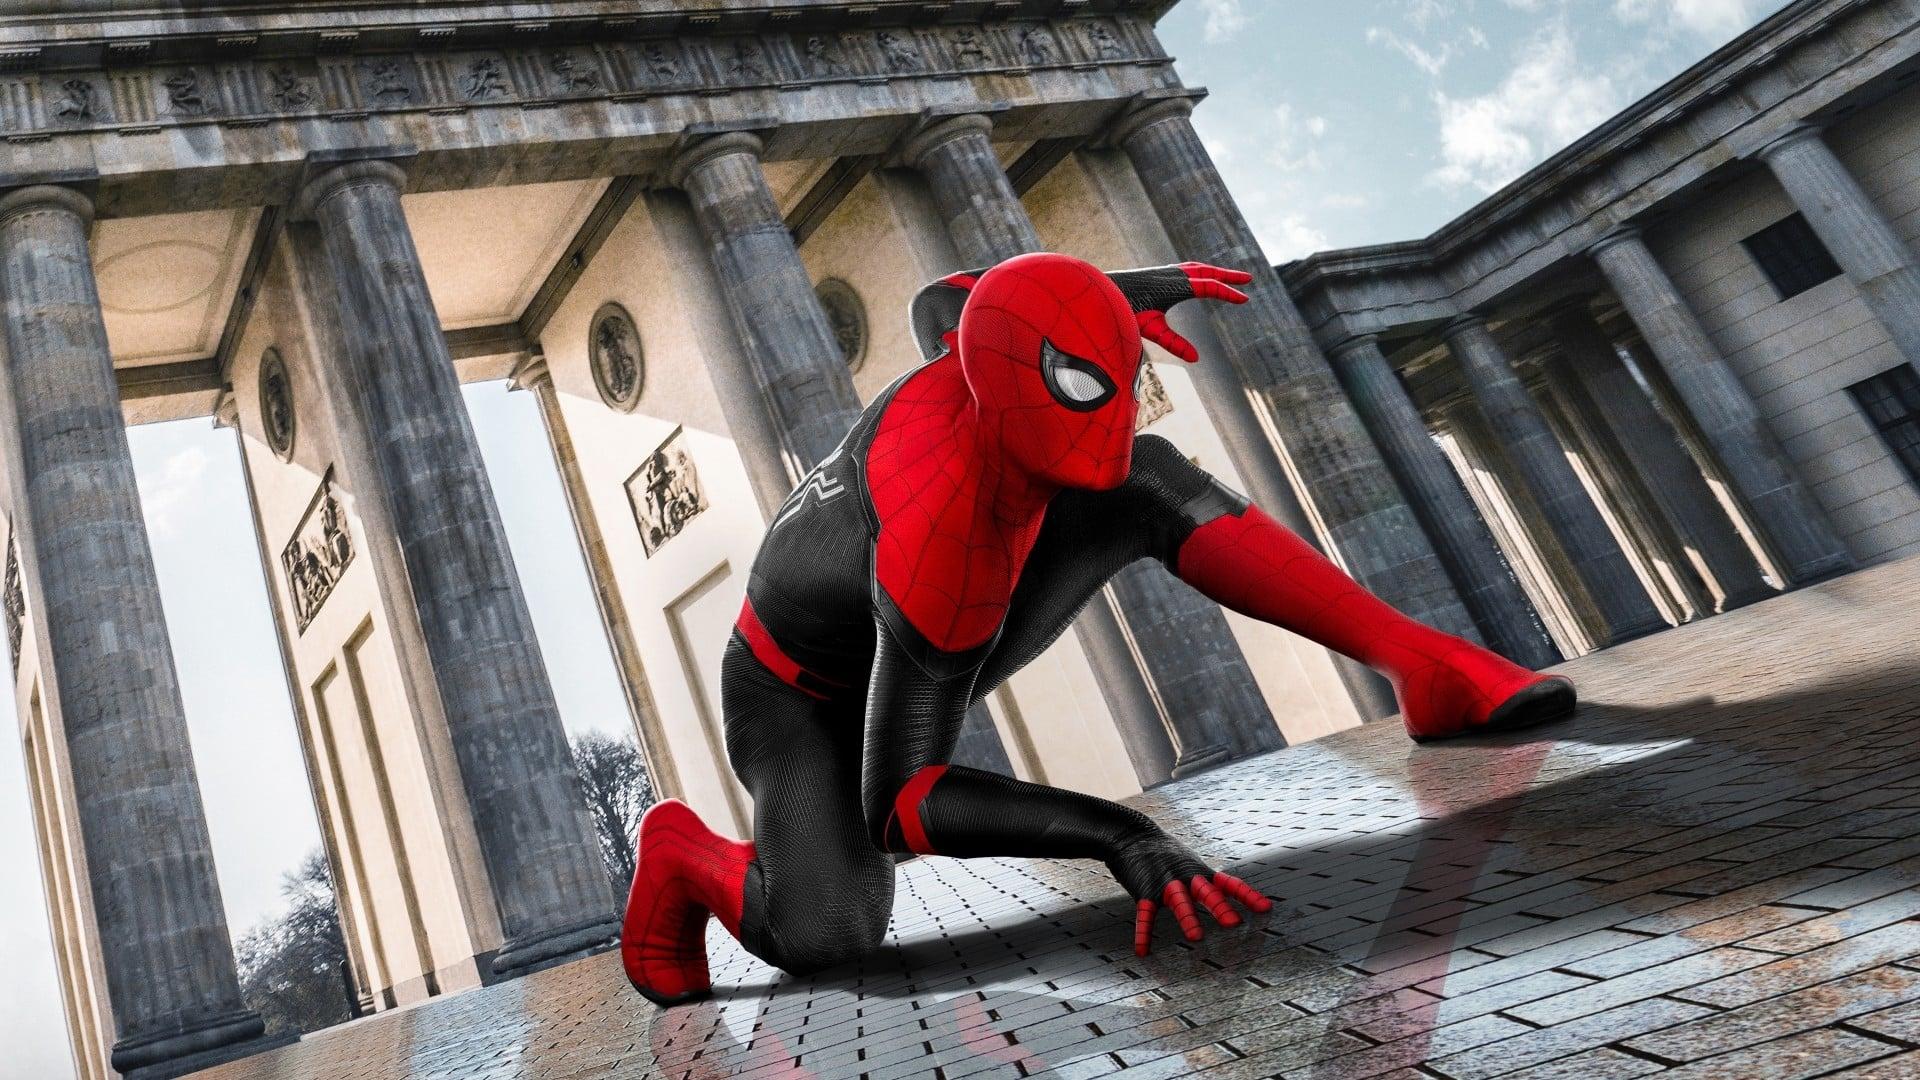 4k Spider Man Lejos De Casa 2019 Ver Pelicula Completa Subtitulada Klivc21pl